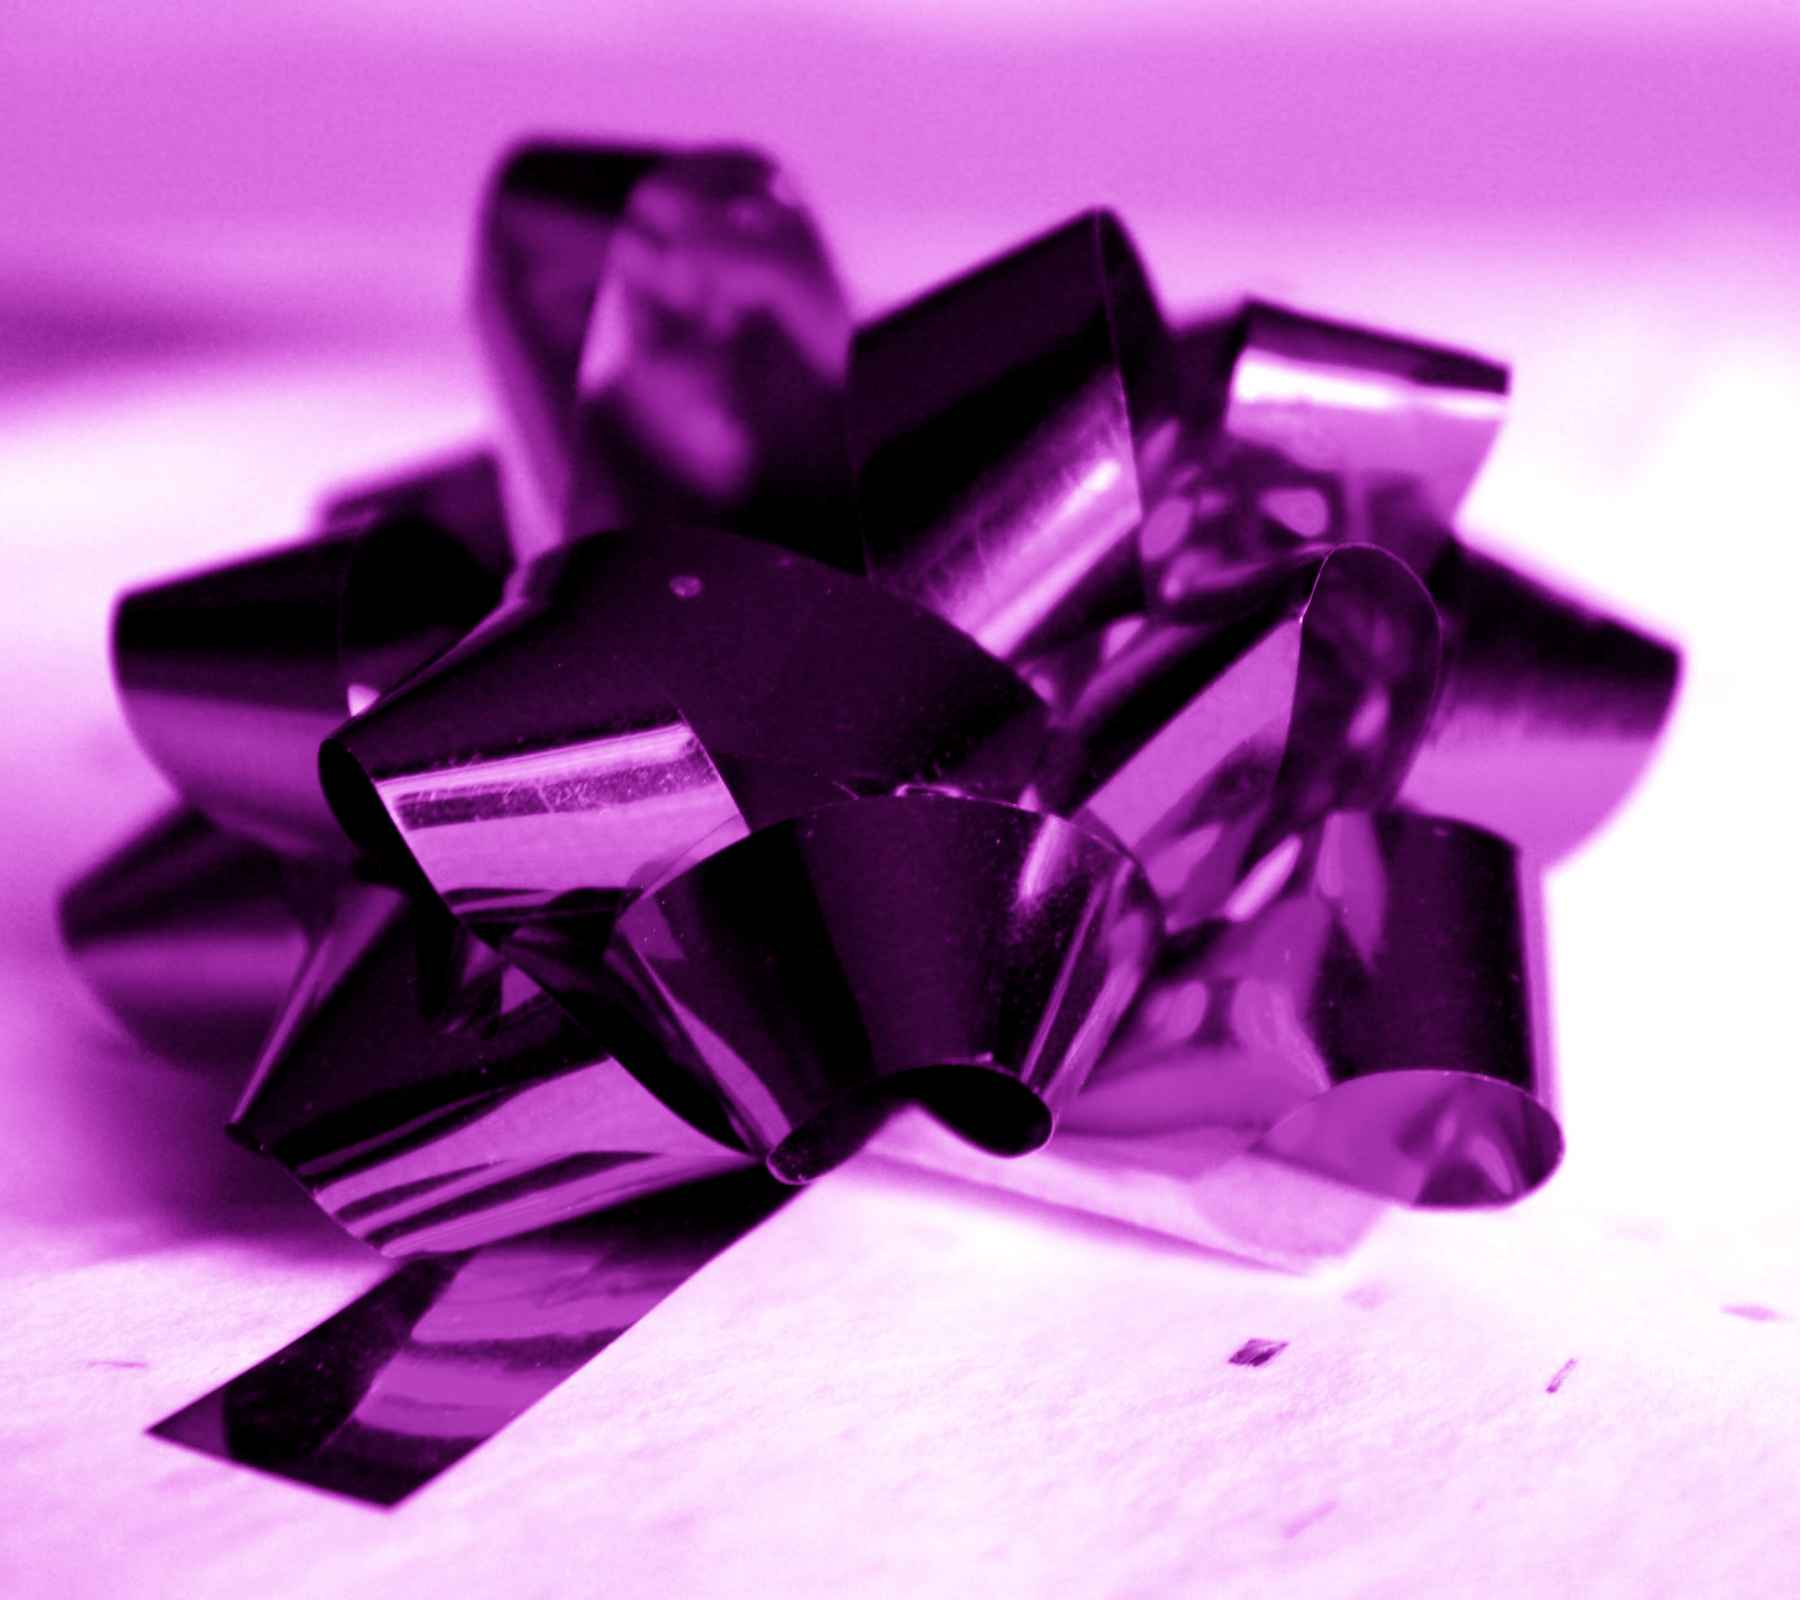 Purple Mylar Bow Background 1800x1600 Background Image